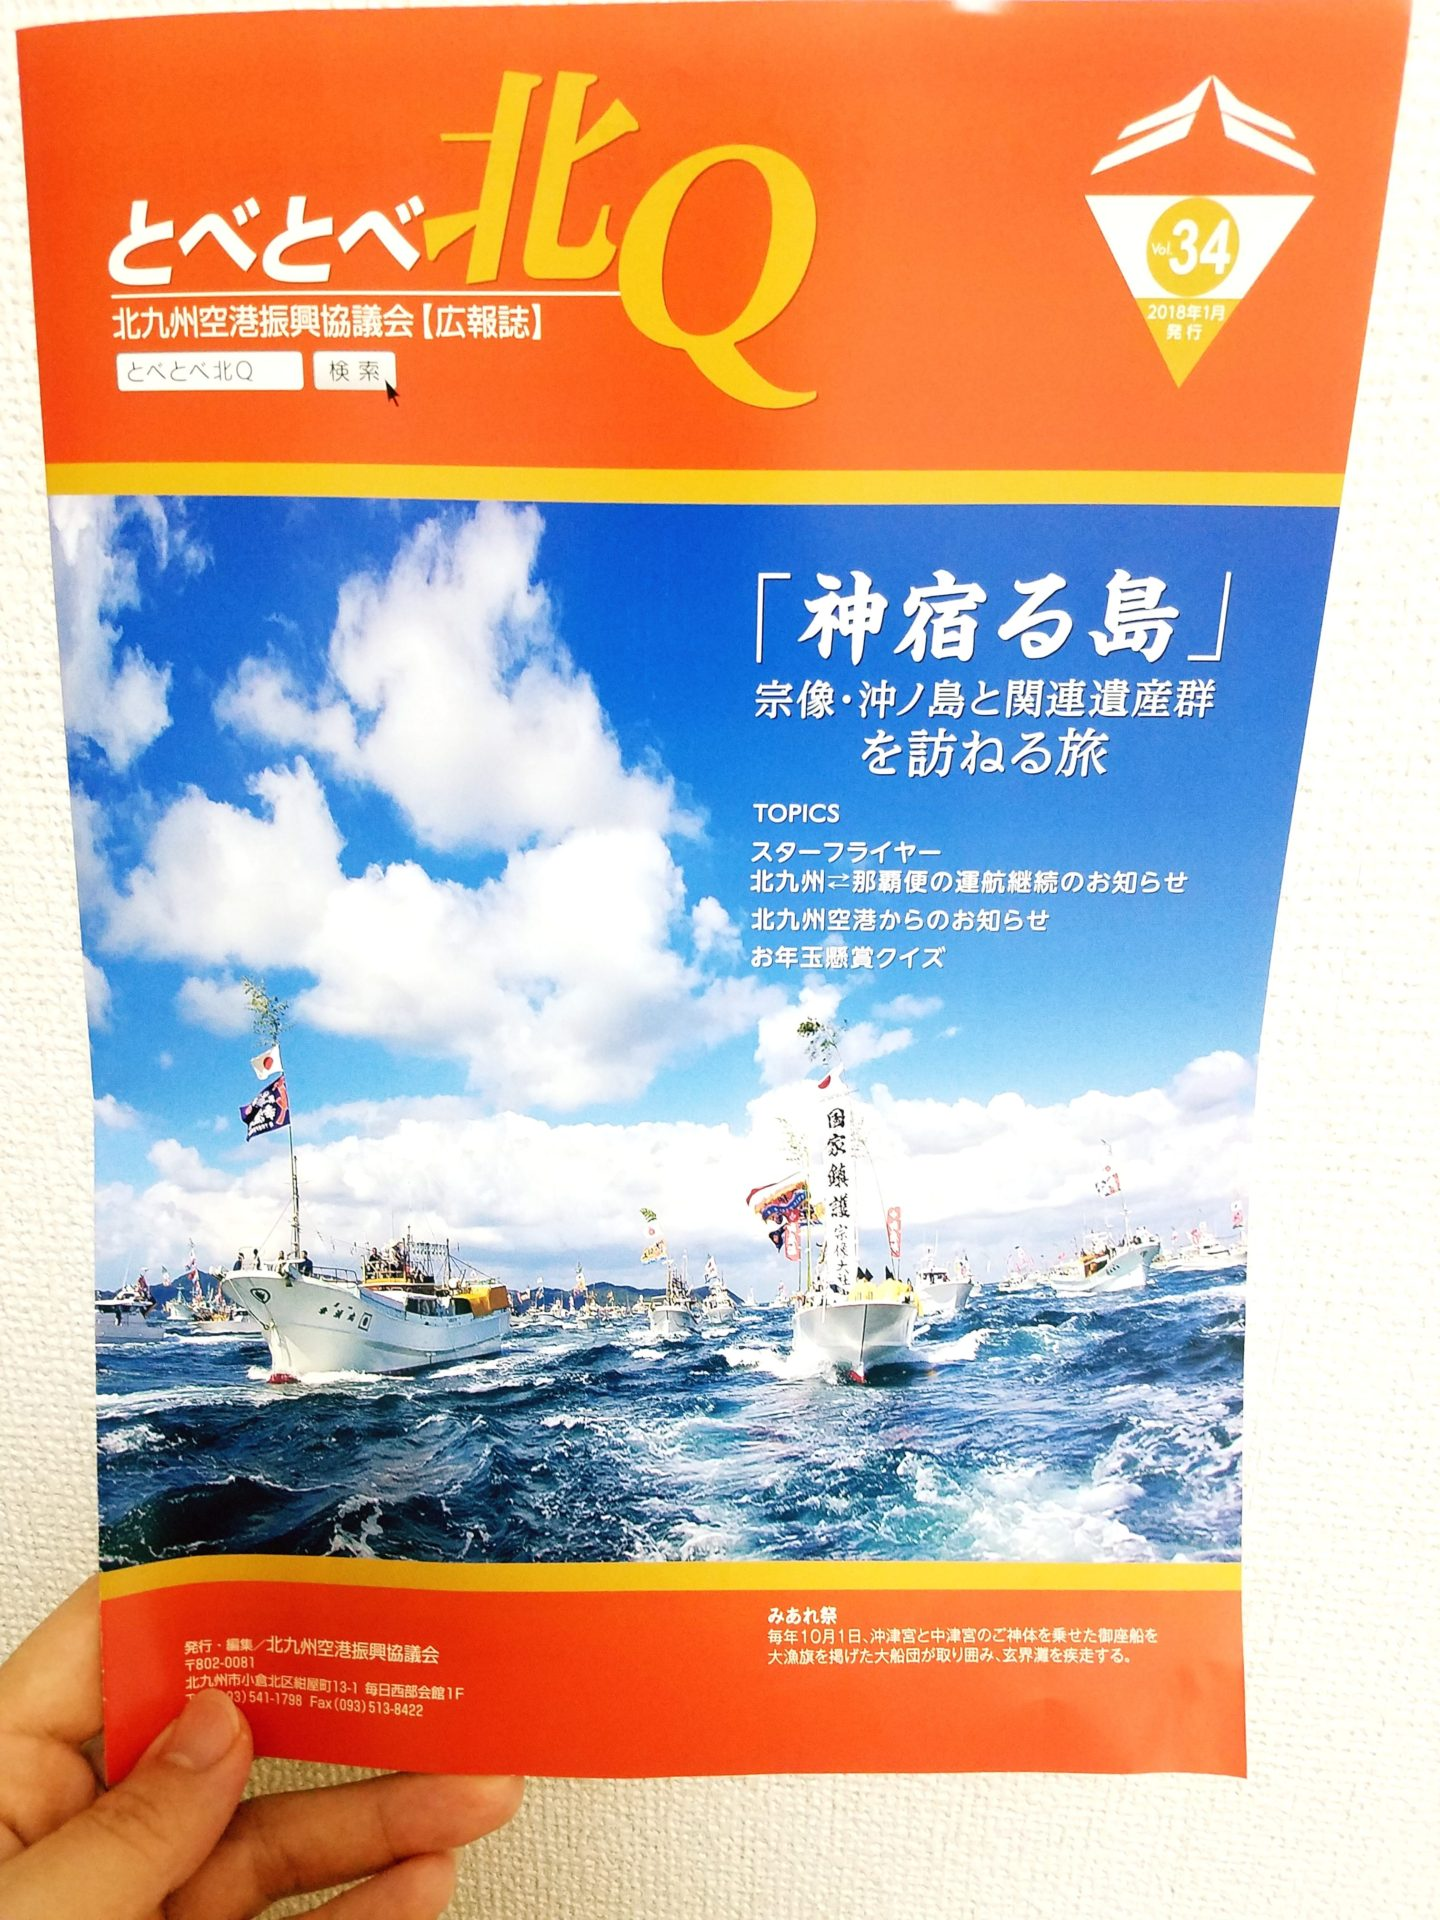 北九州空港広報誌【とべとべ北Q】で紹介されています